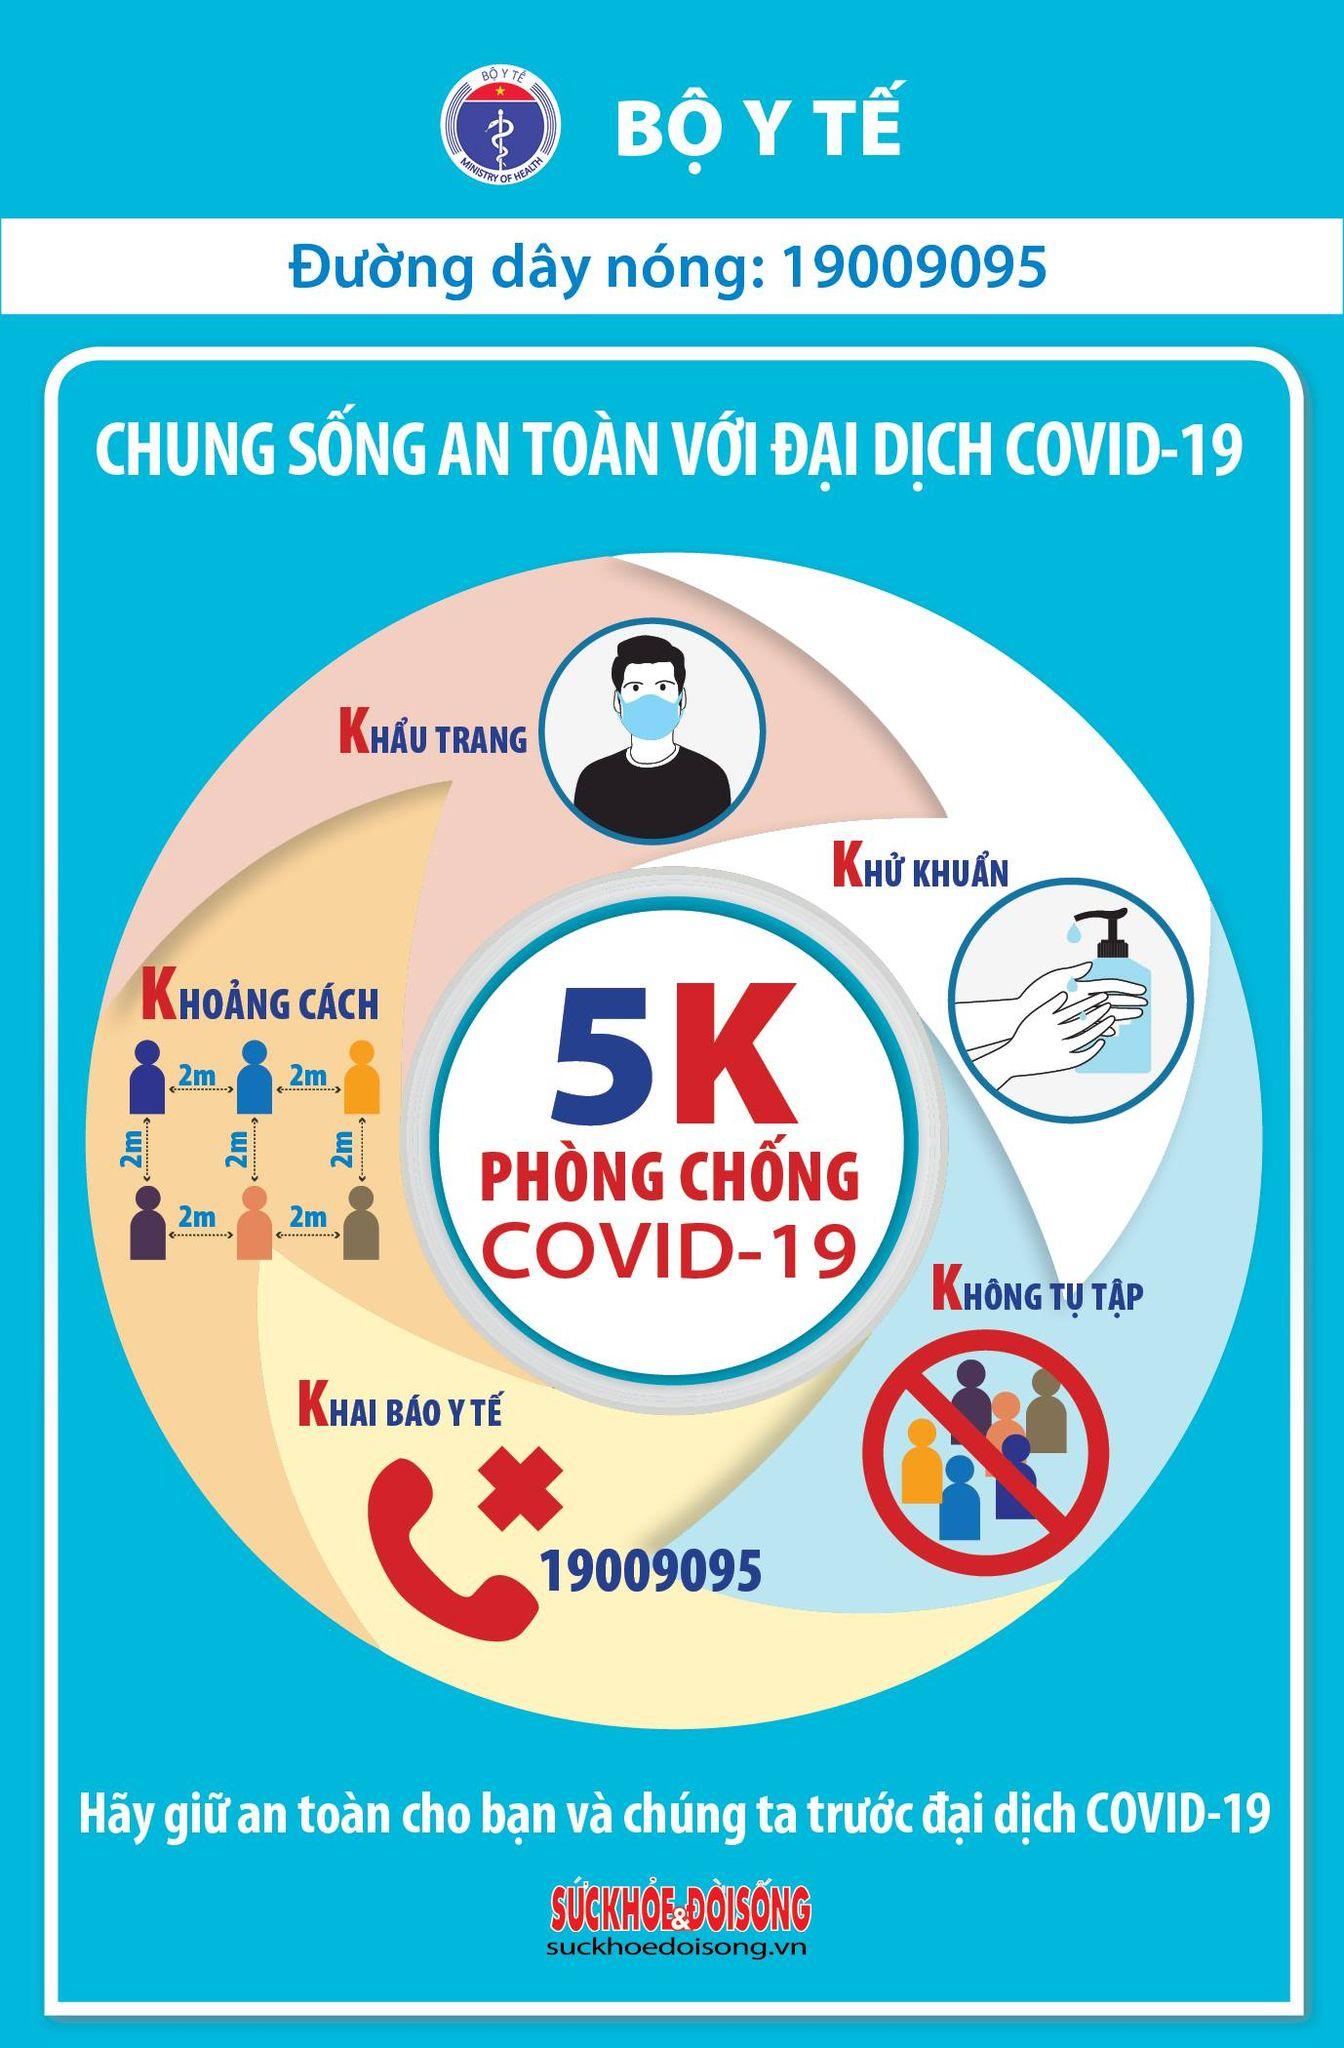 Dịch COVID-19 diễn biến hết sức phức tạp: 501 ca bệnh trên 24 tỉnh thành, Hà Nội hỏa tốc yêu cầu không tập trung quá 10 người - Ảnh 3.